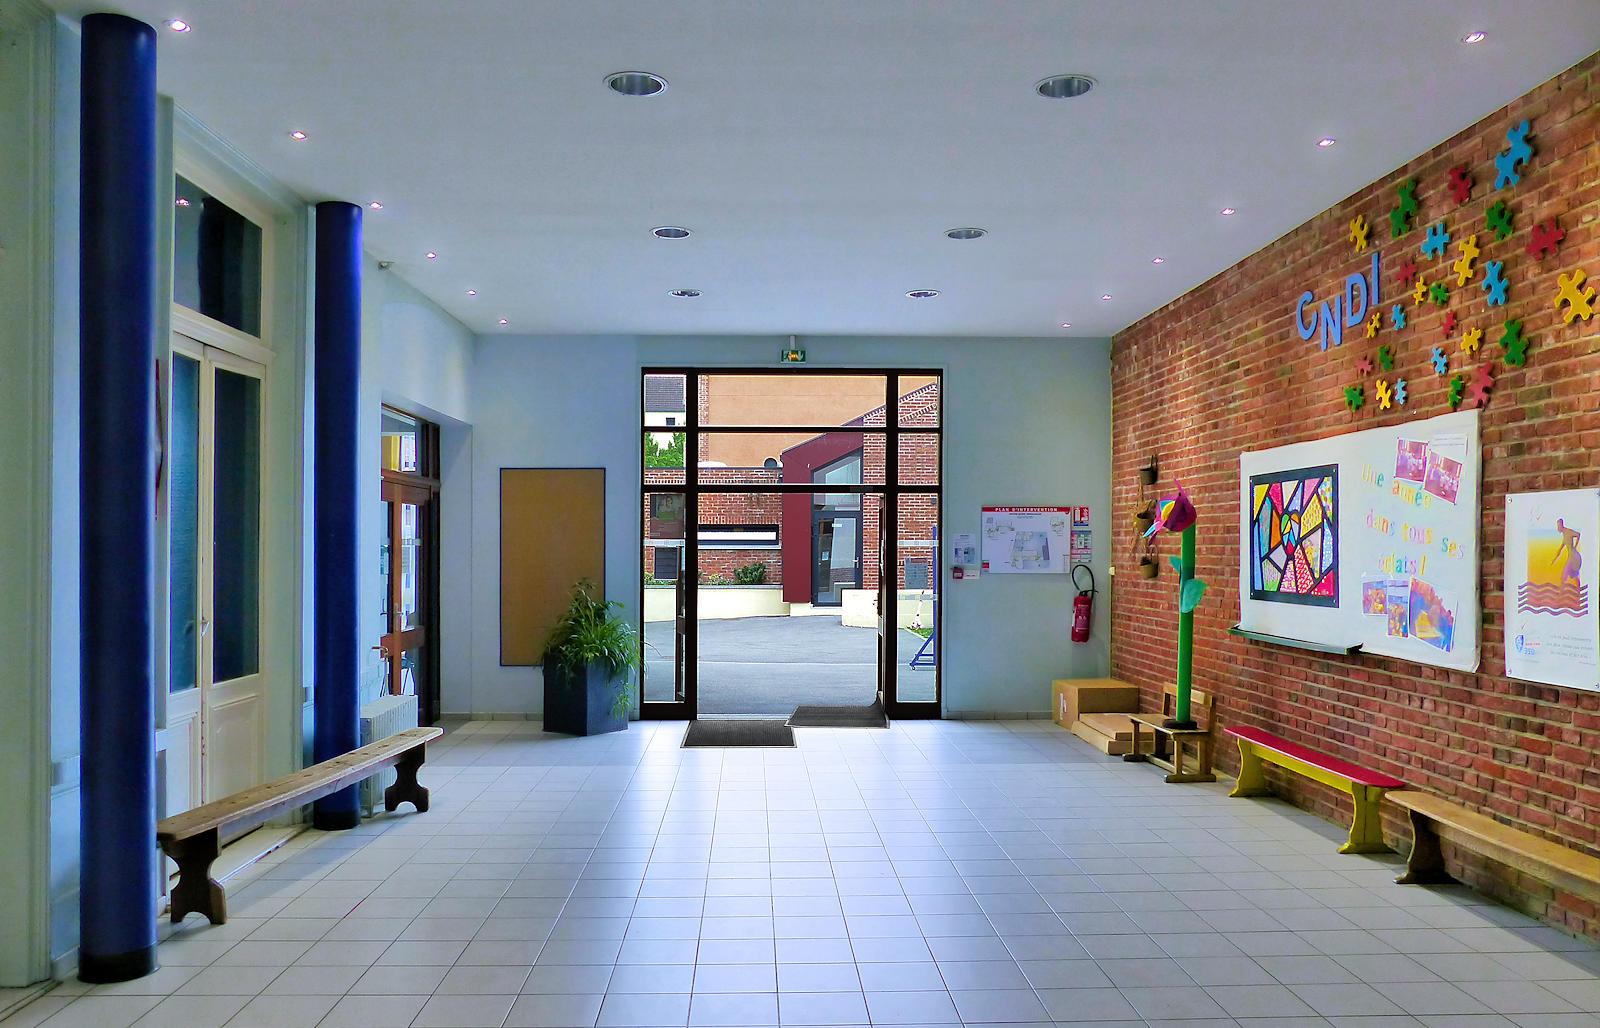 École Primaire CNDI, Tourcoing - Hall d'entrée